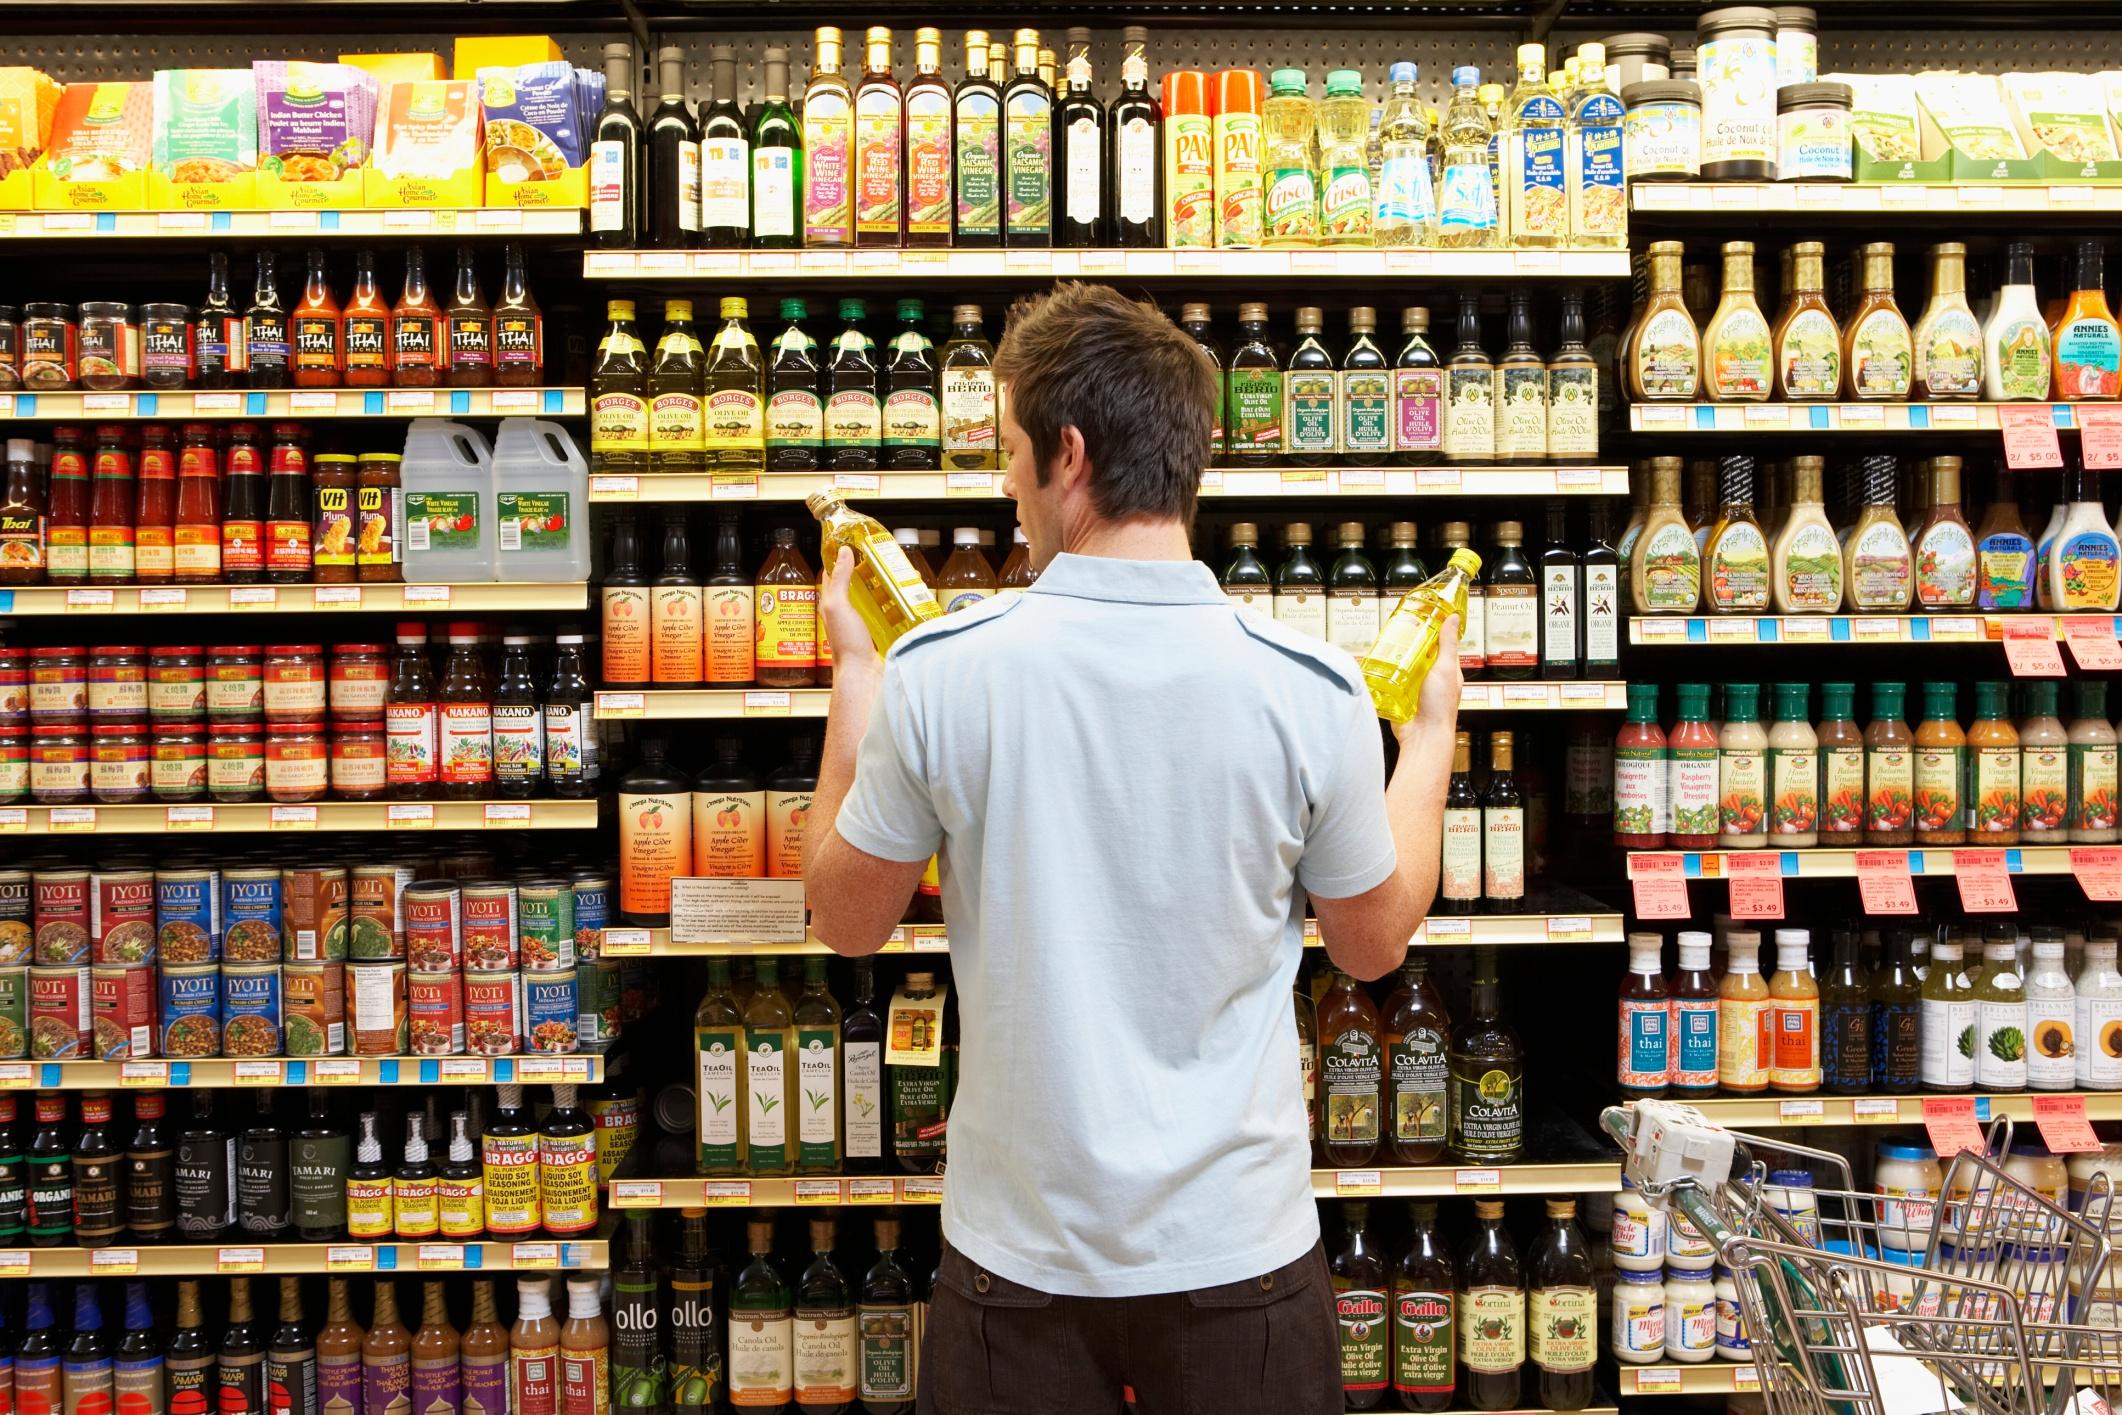 ¿Cómo puedes mejorar tu ecommerce gracias al shopper marketing?